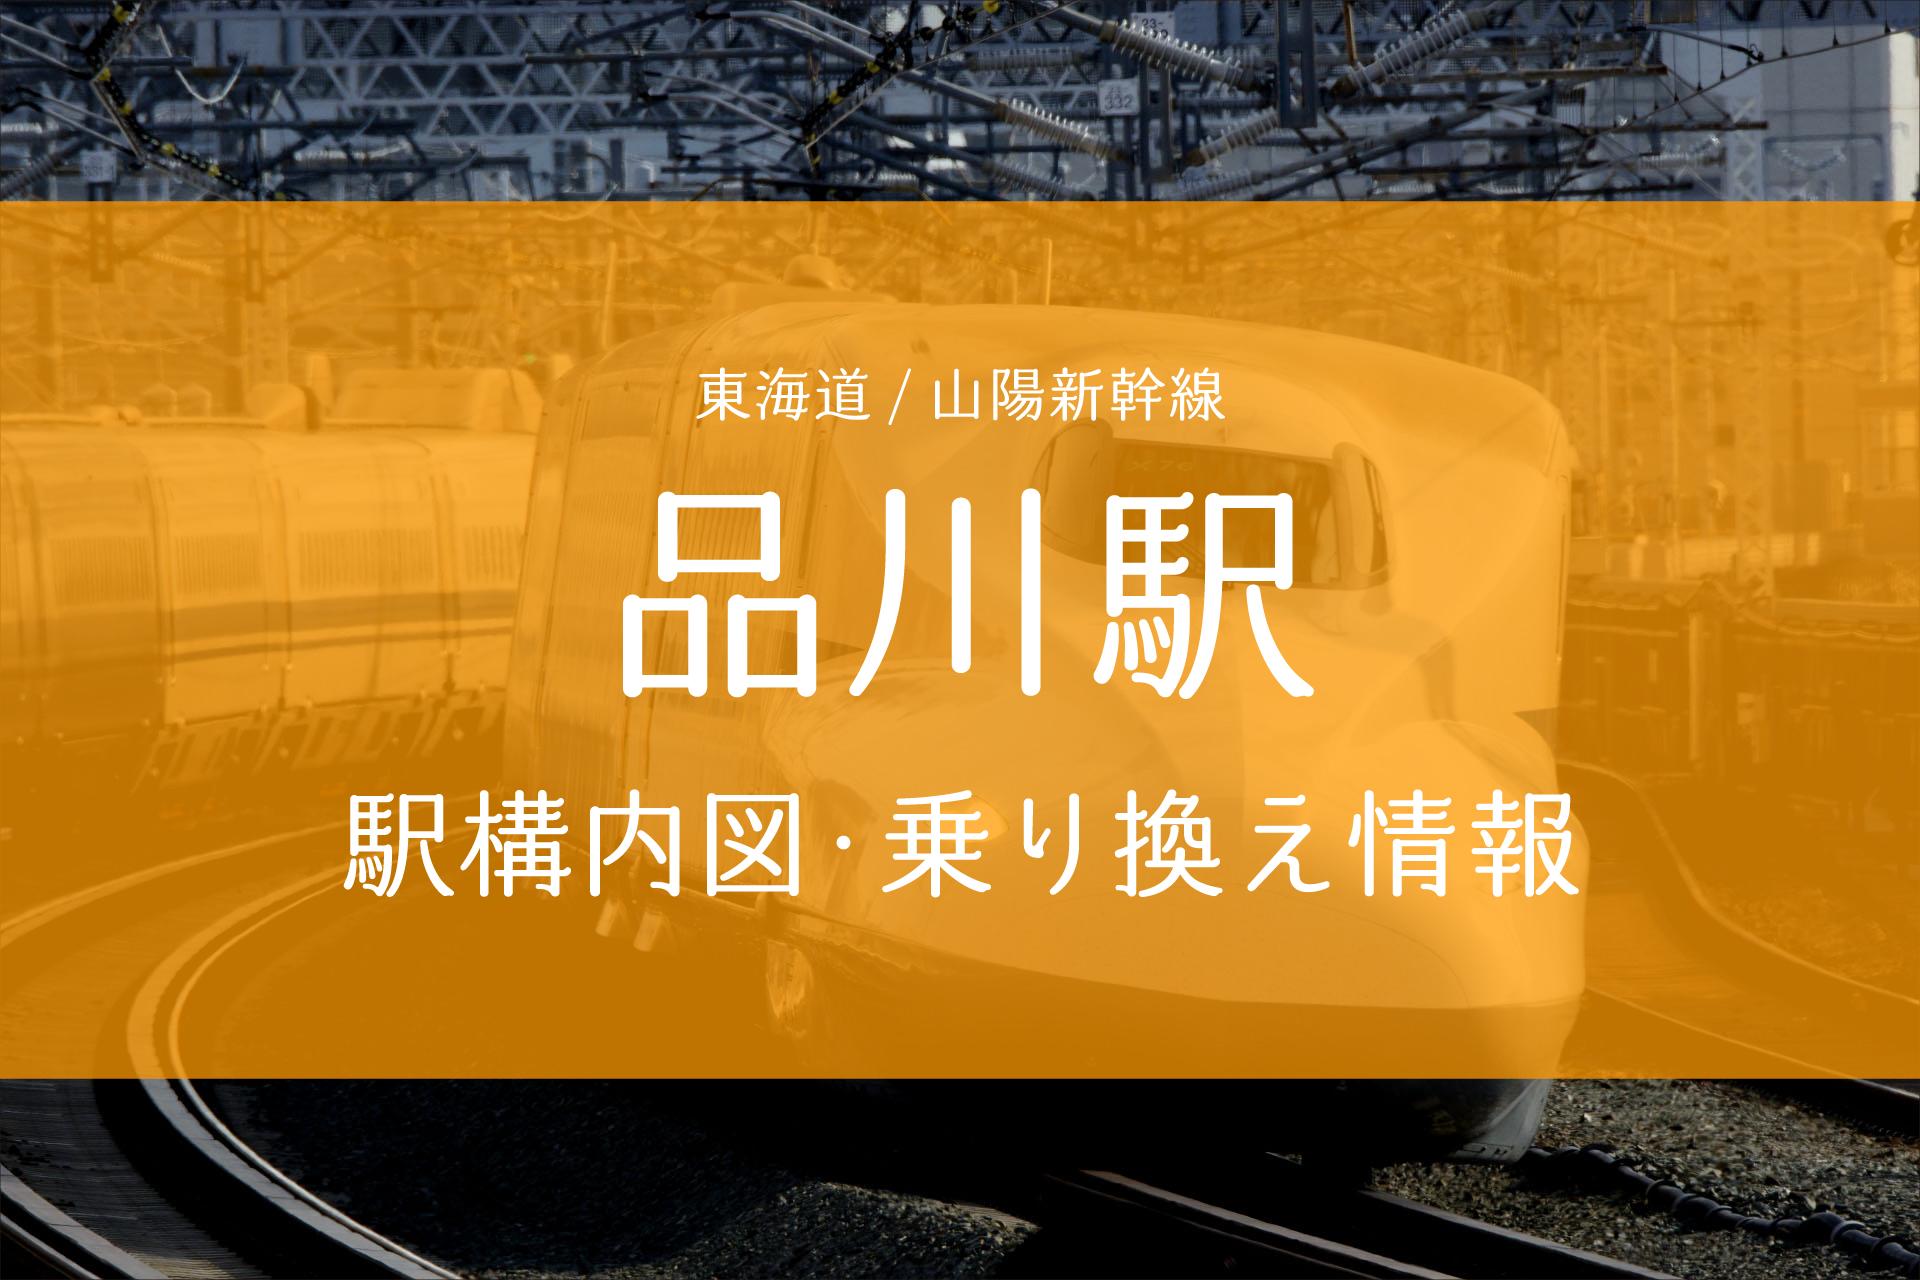 品川駅構内図・乗り換え情報